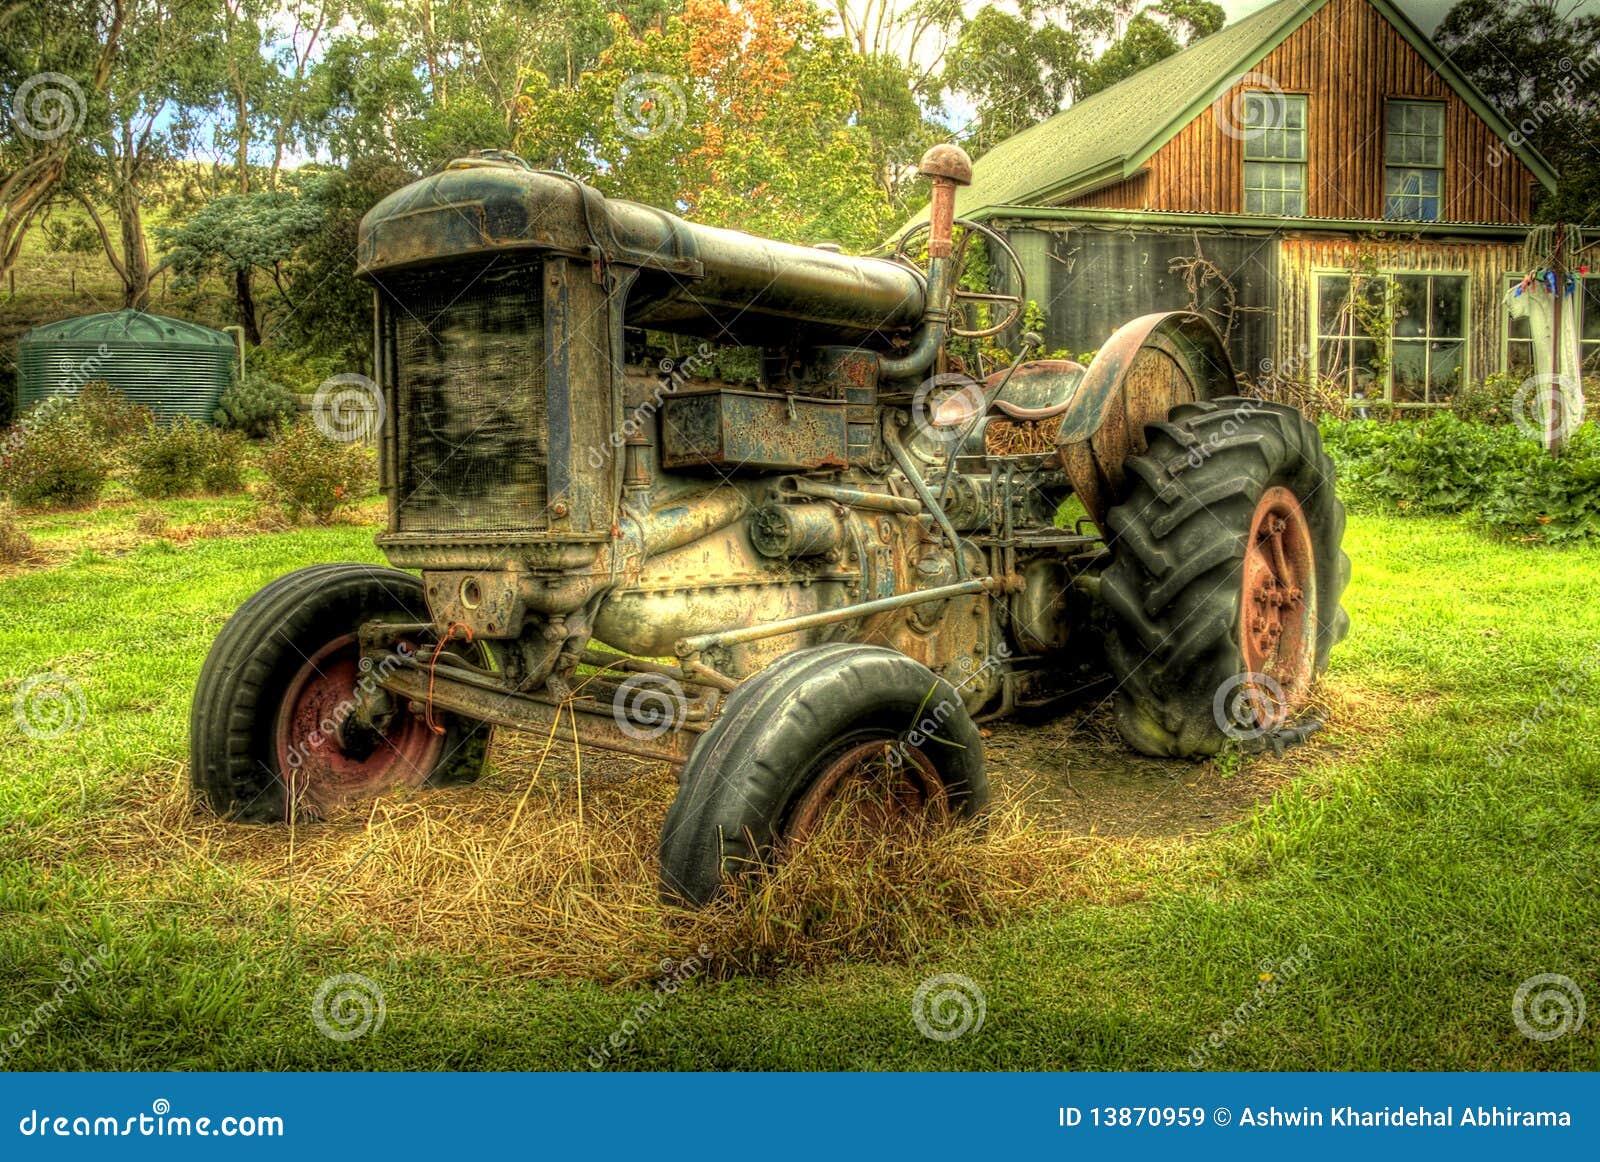 трактор hdr старый